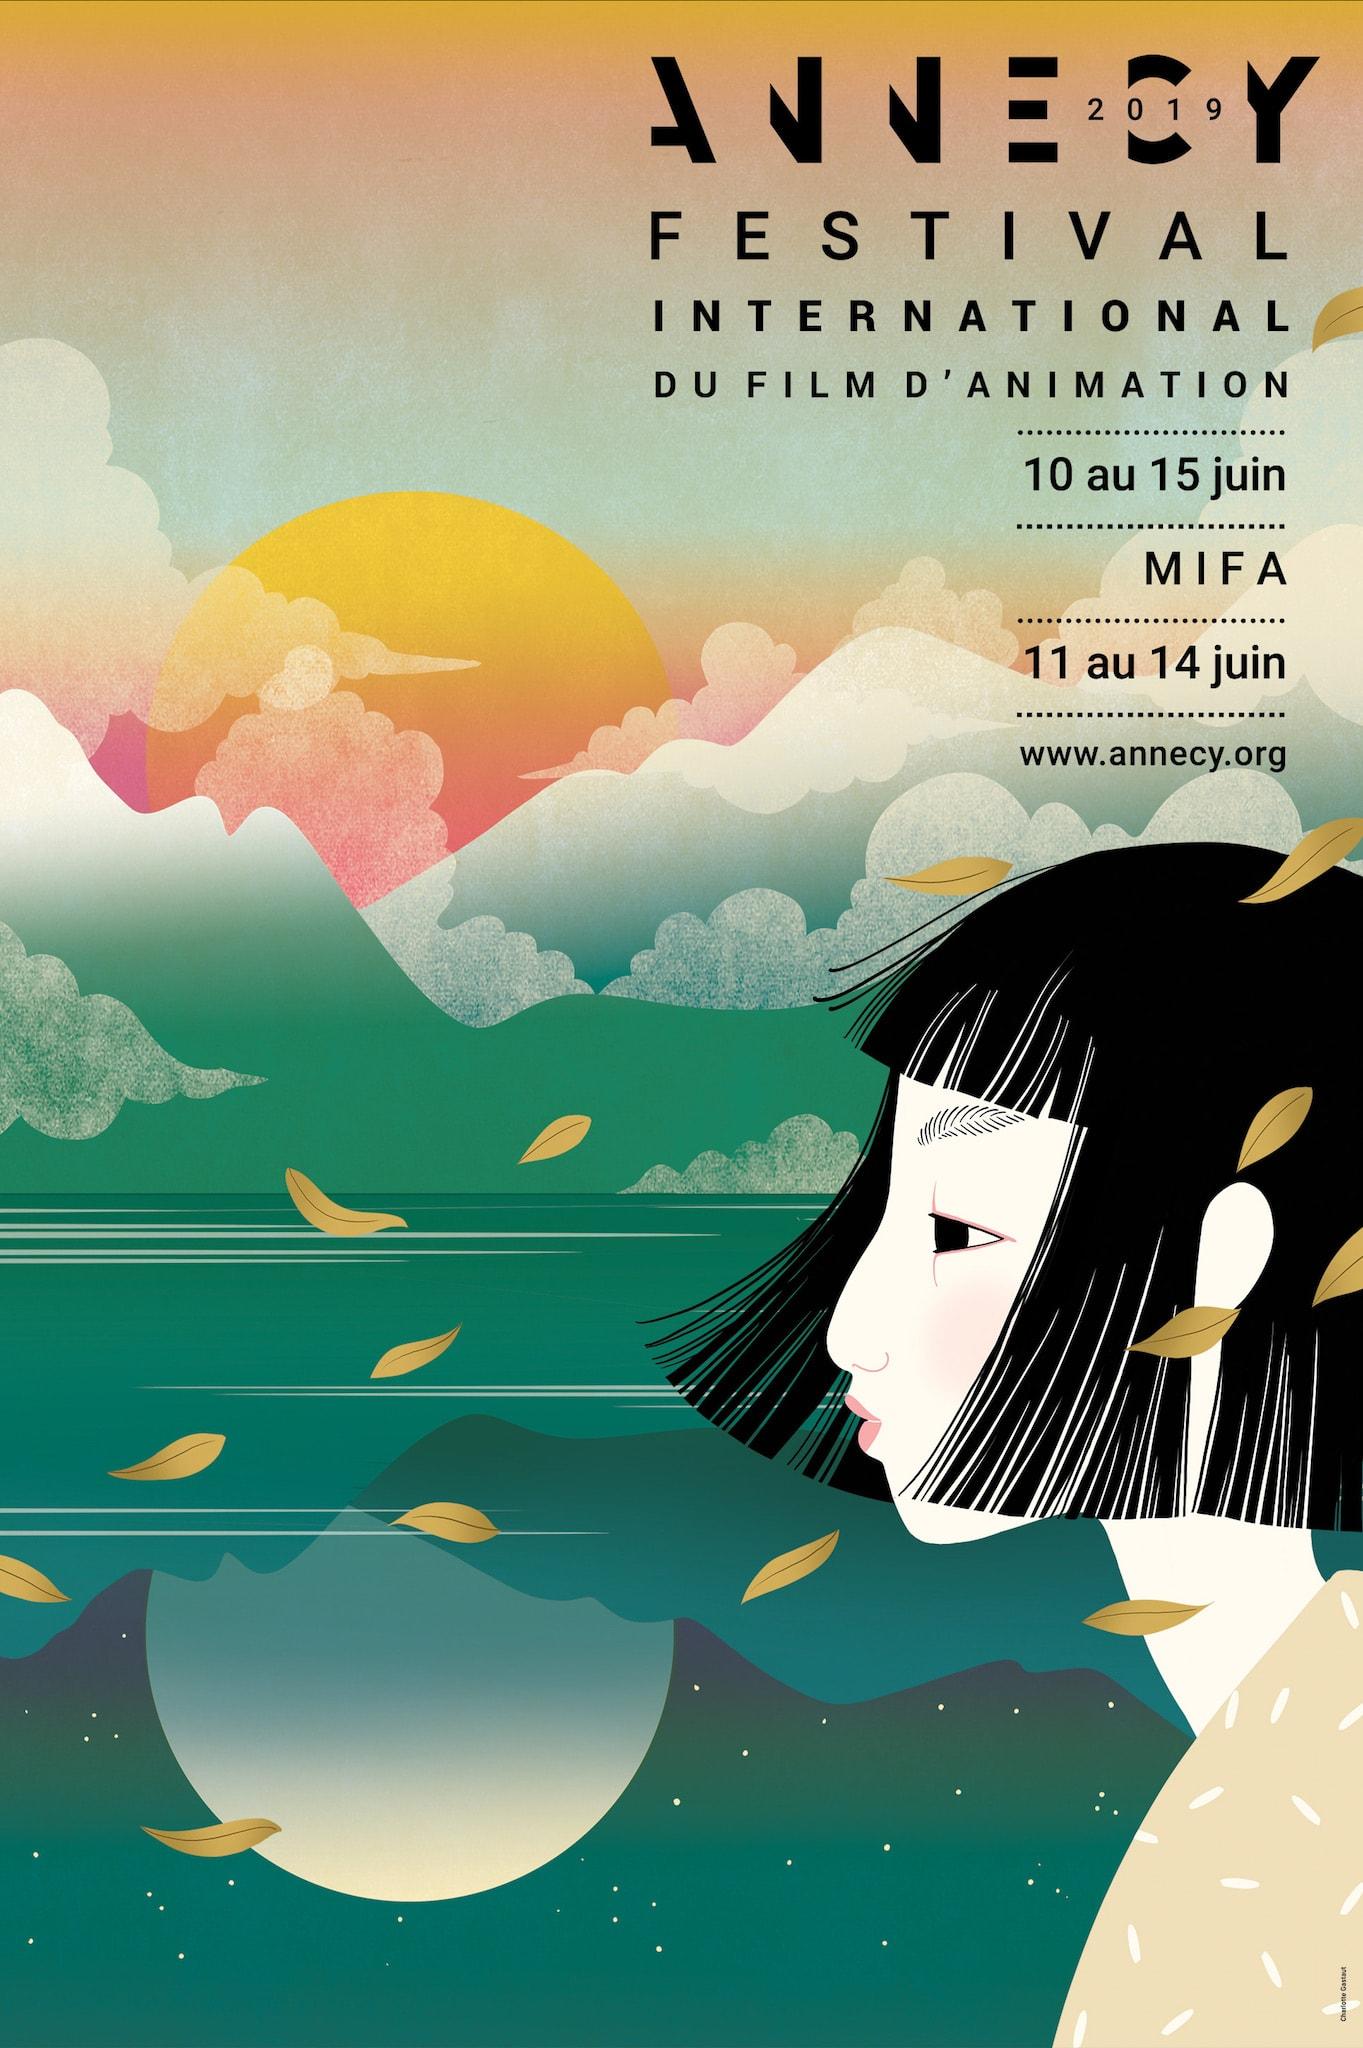 Festival d'Annecy 2019 affiche cinéma télévision VR animation